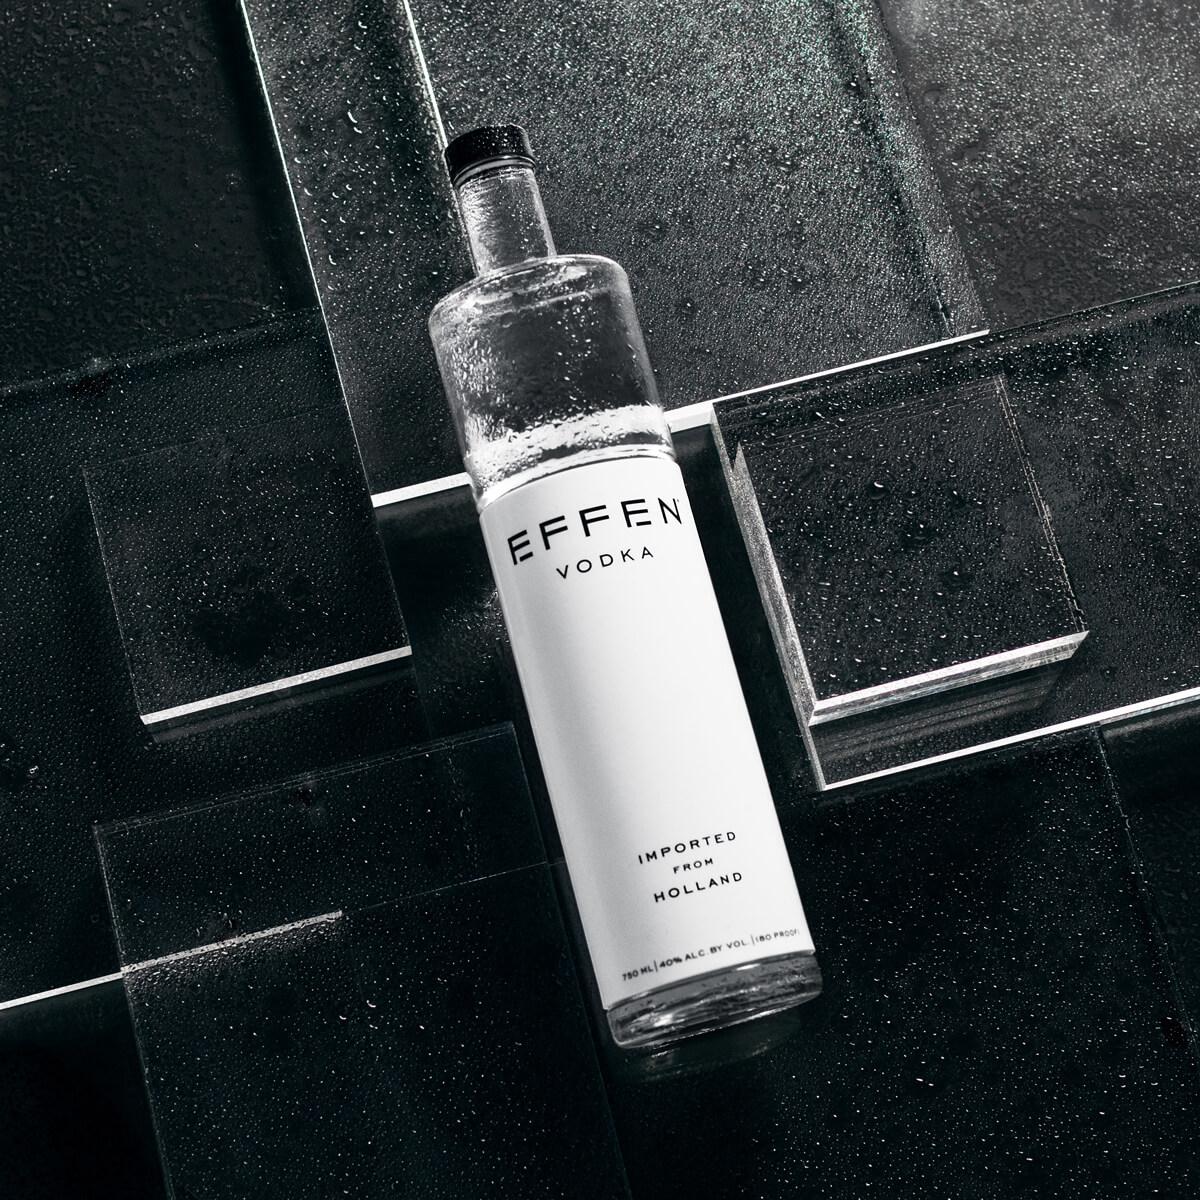 EFFEN is premium vodka combined with premium design.